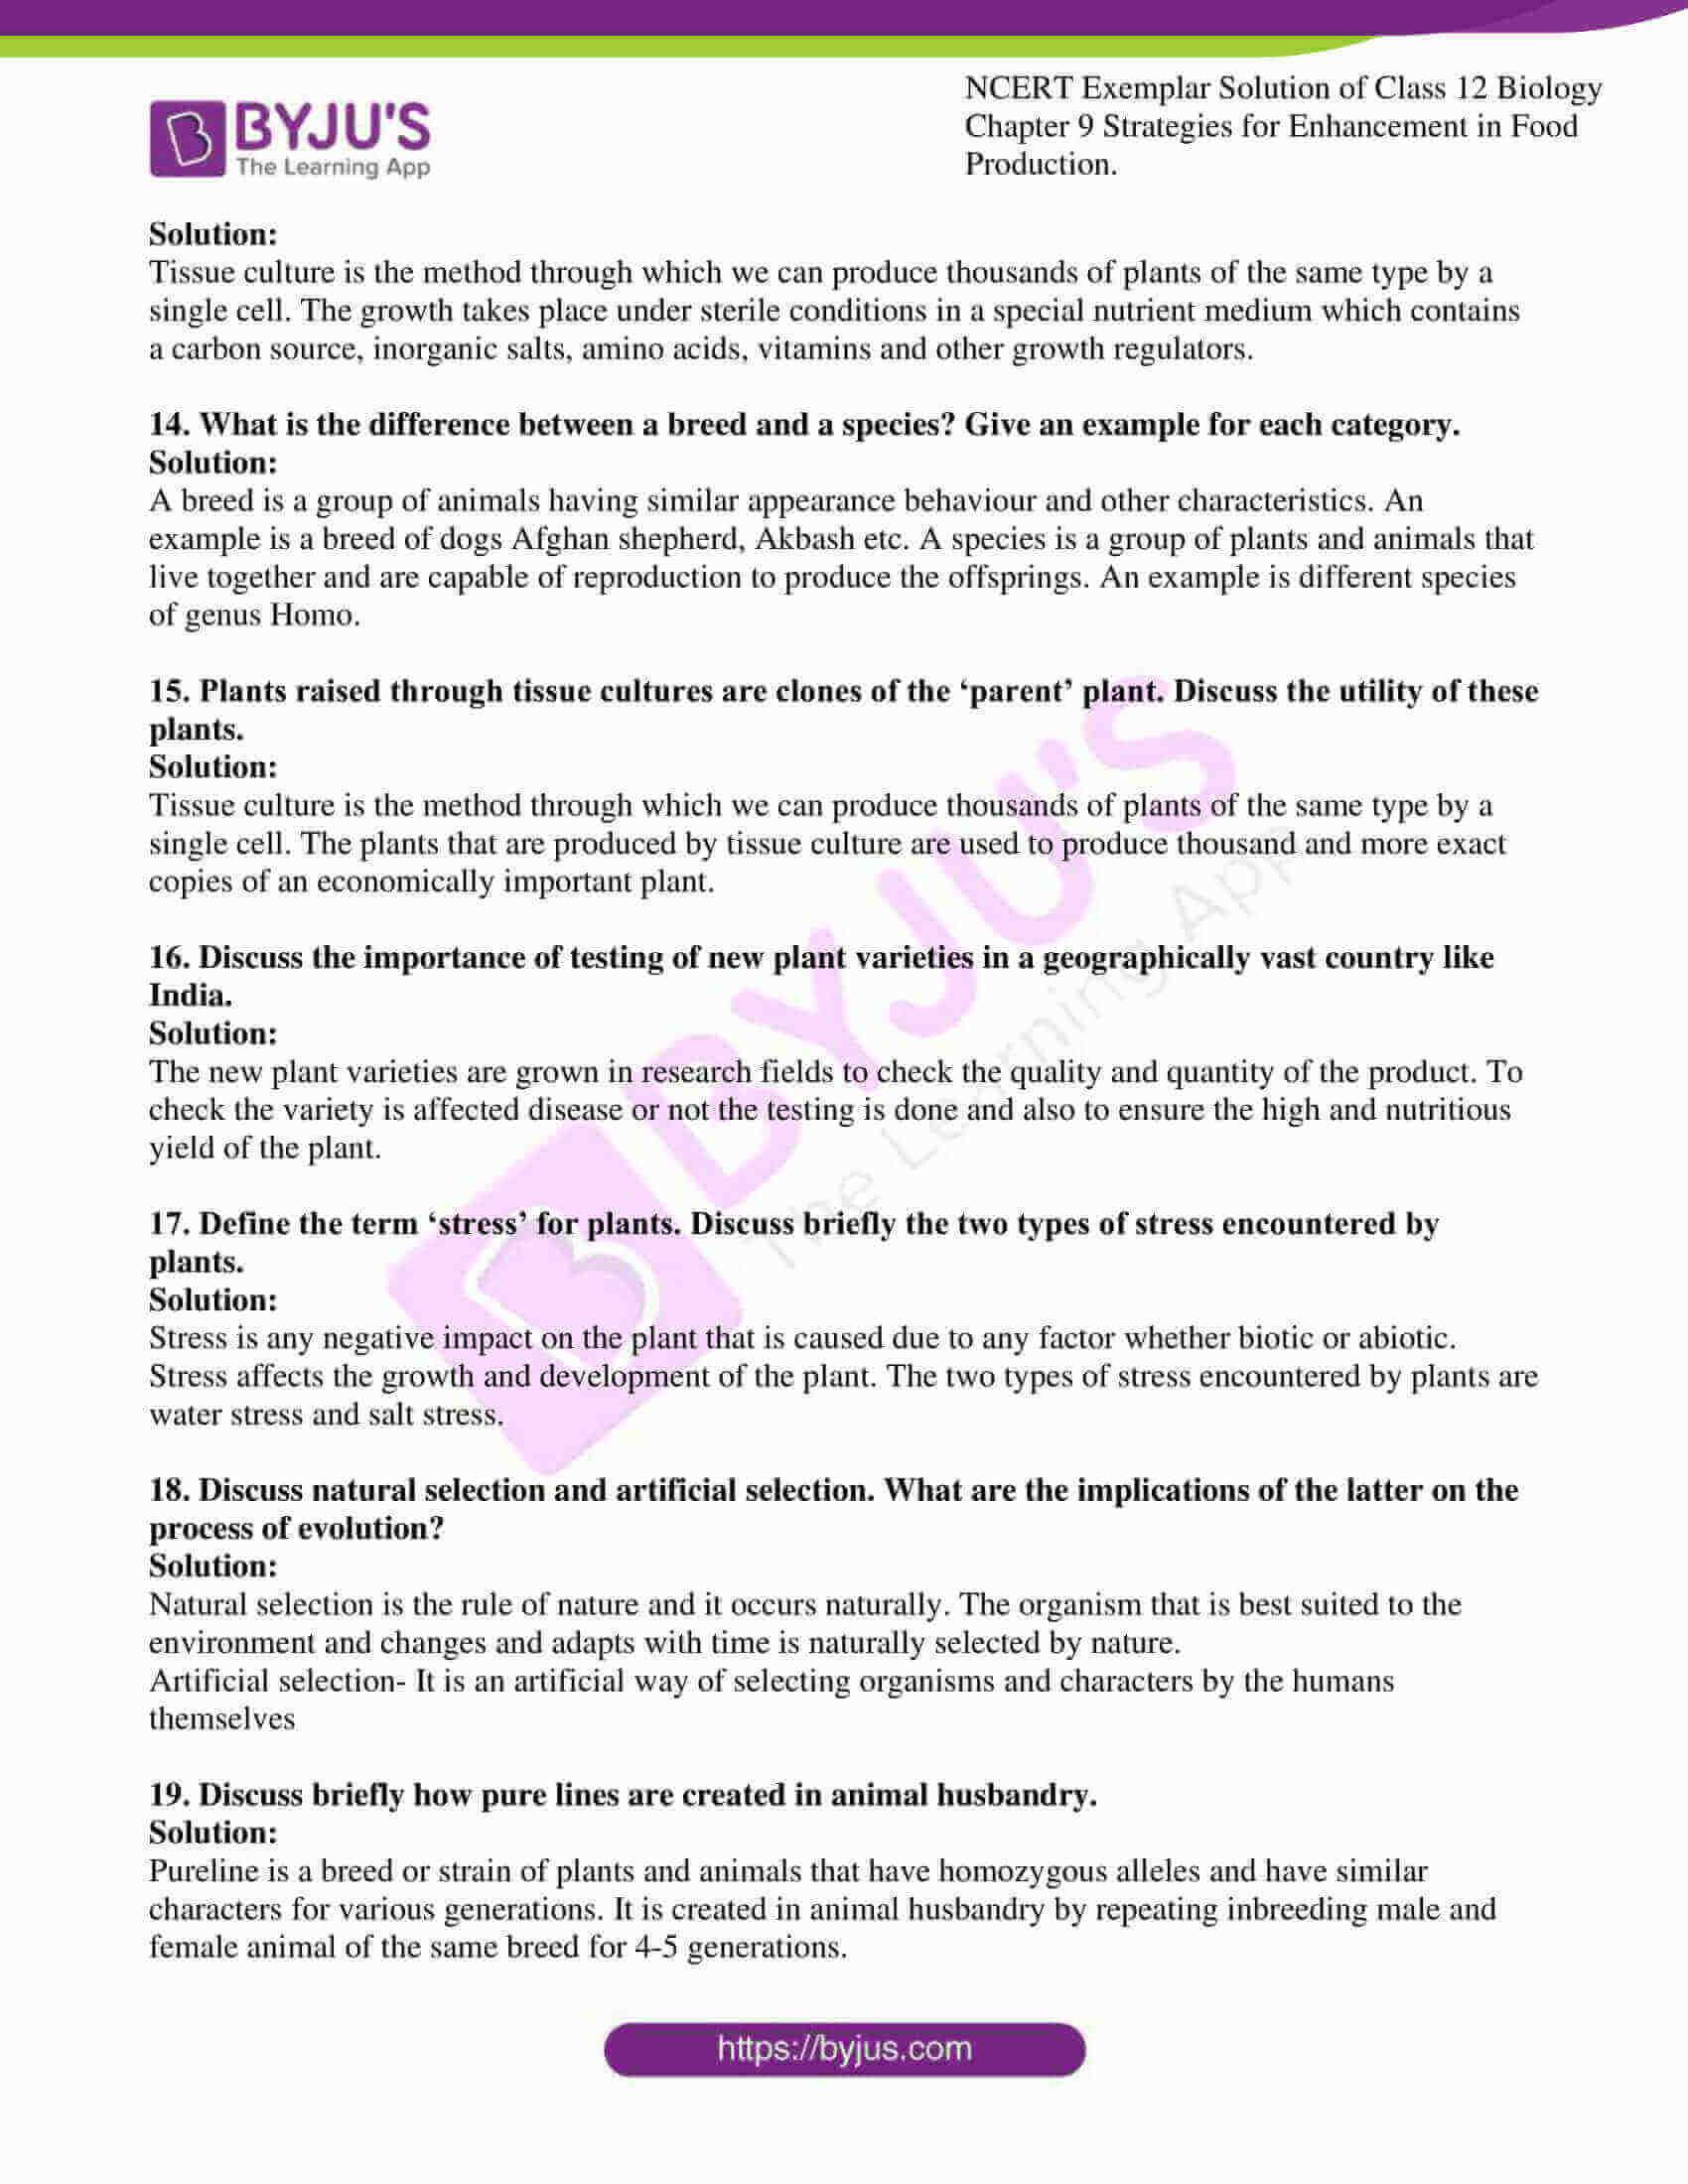 ncert exemplar solution of class 12 biology chapter 9 11